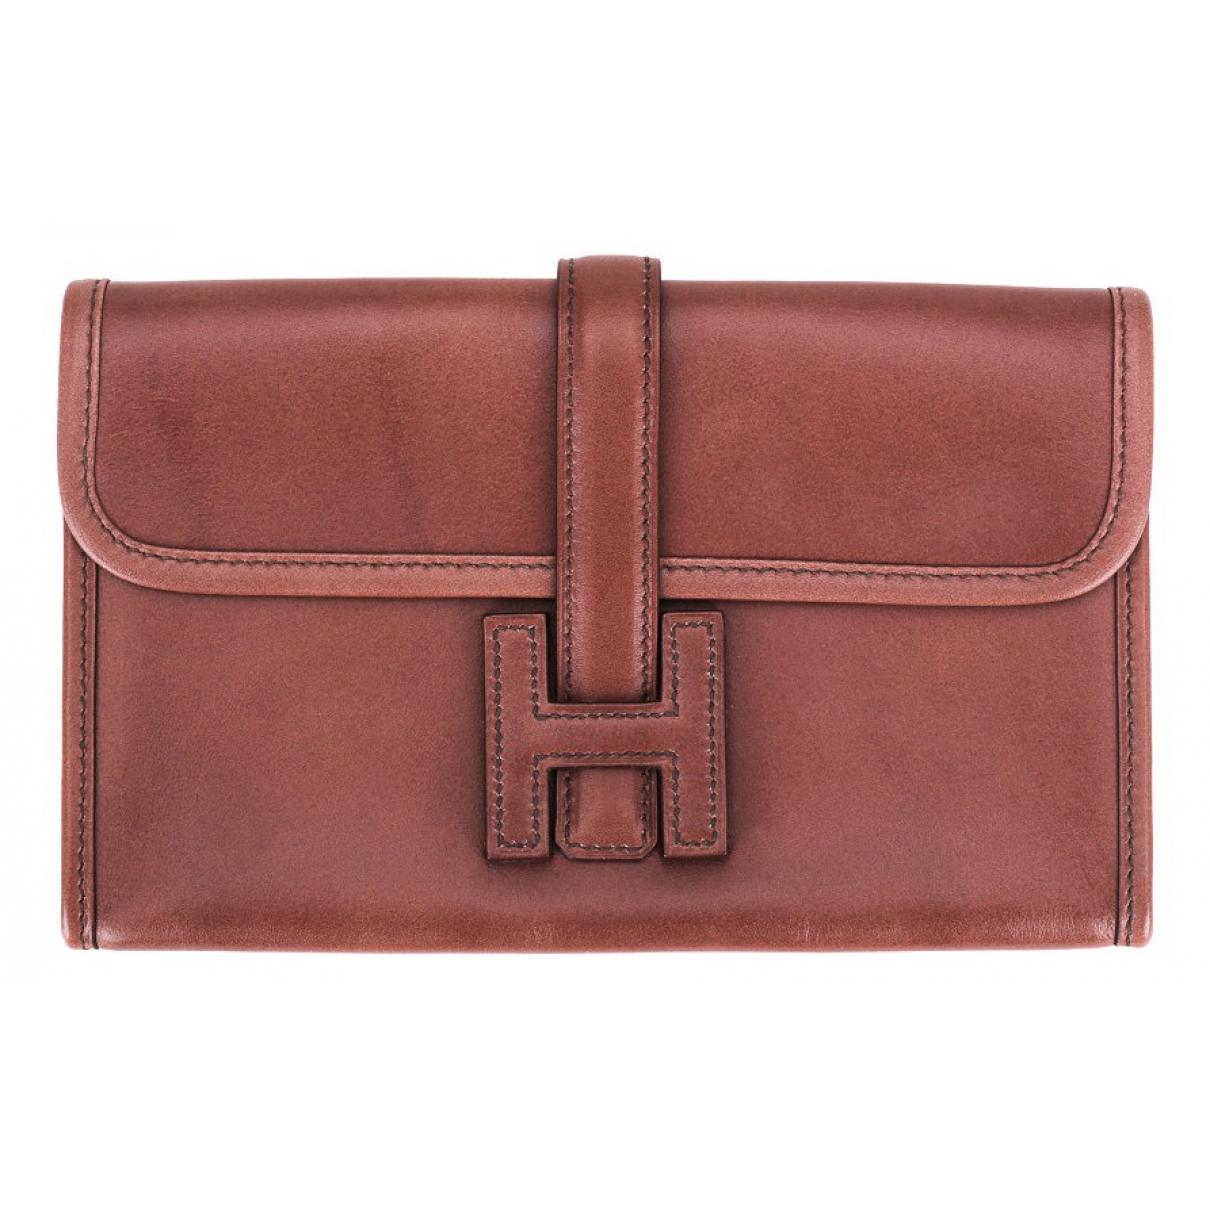 Hermès Jige Pink Leather wallet for Women \N